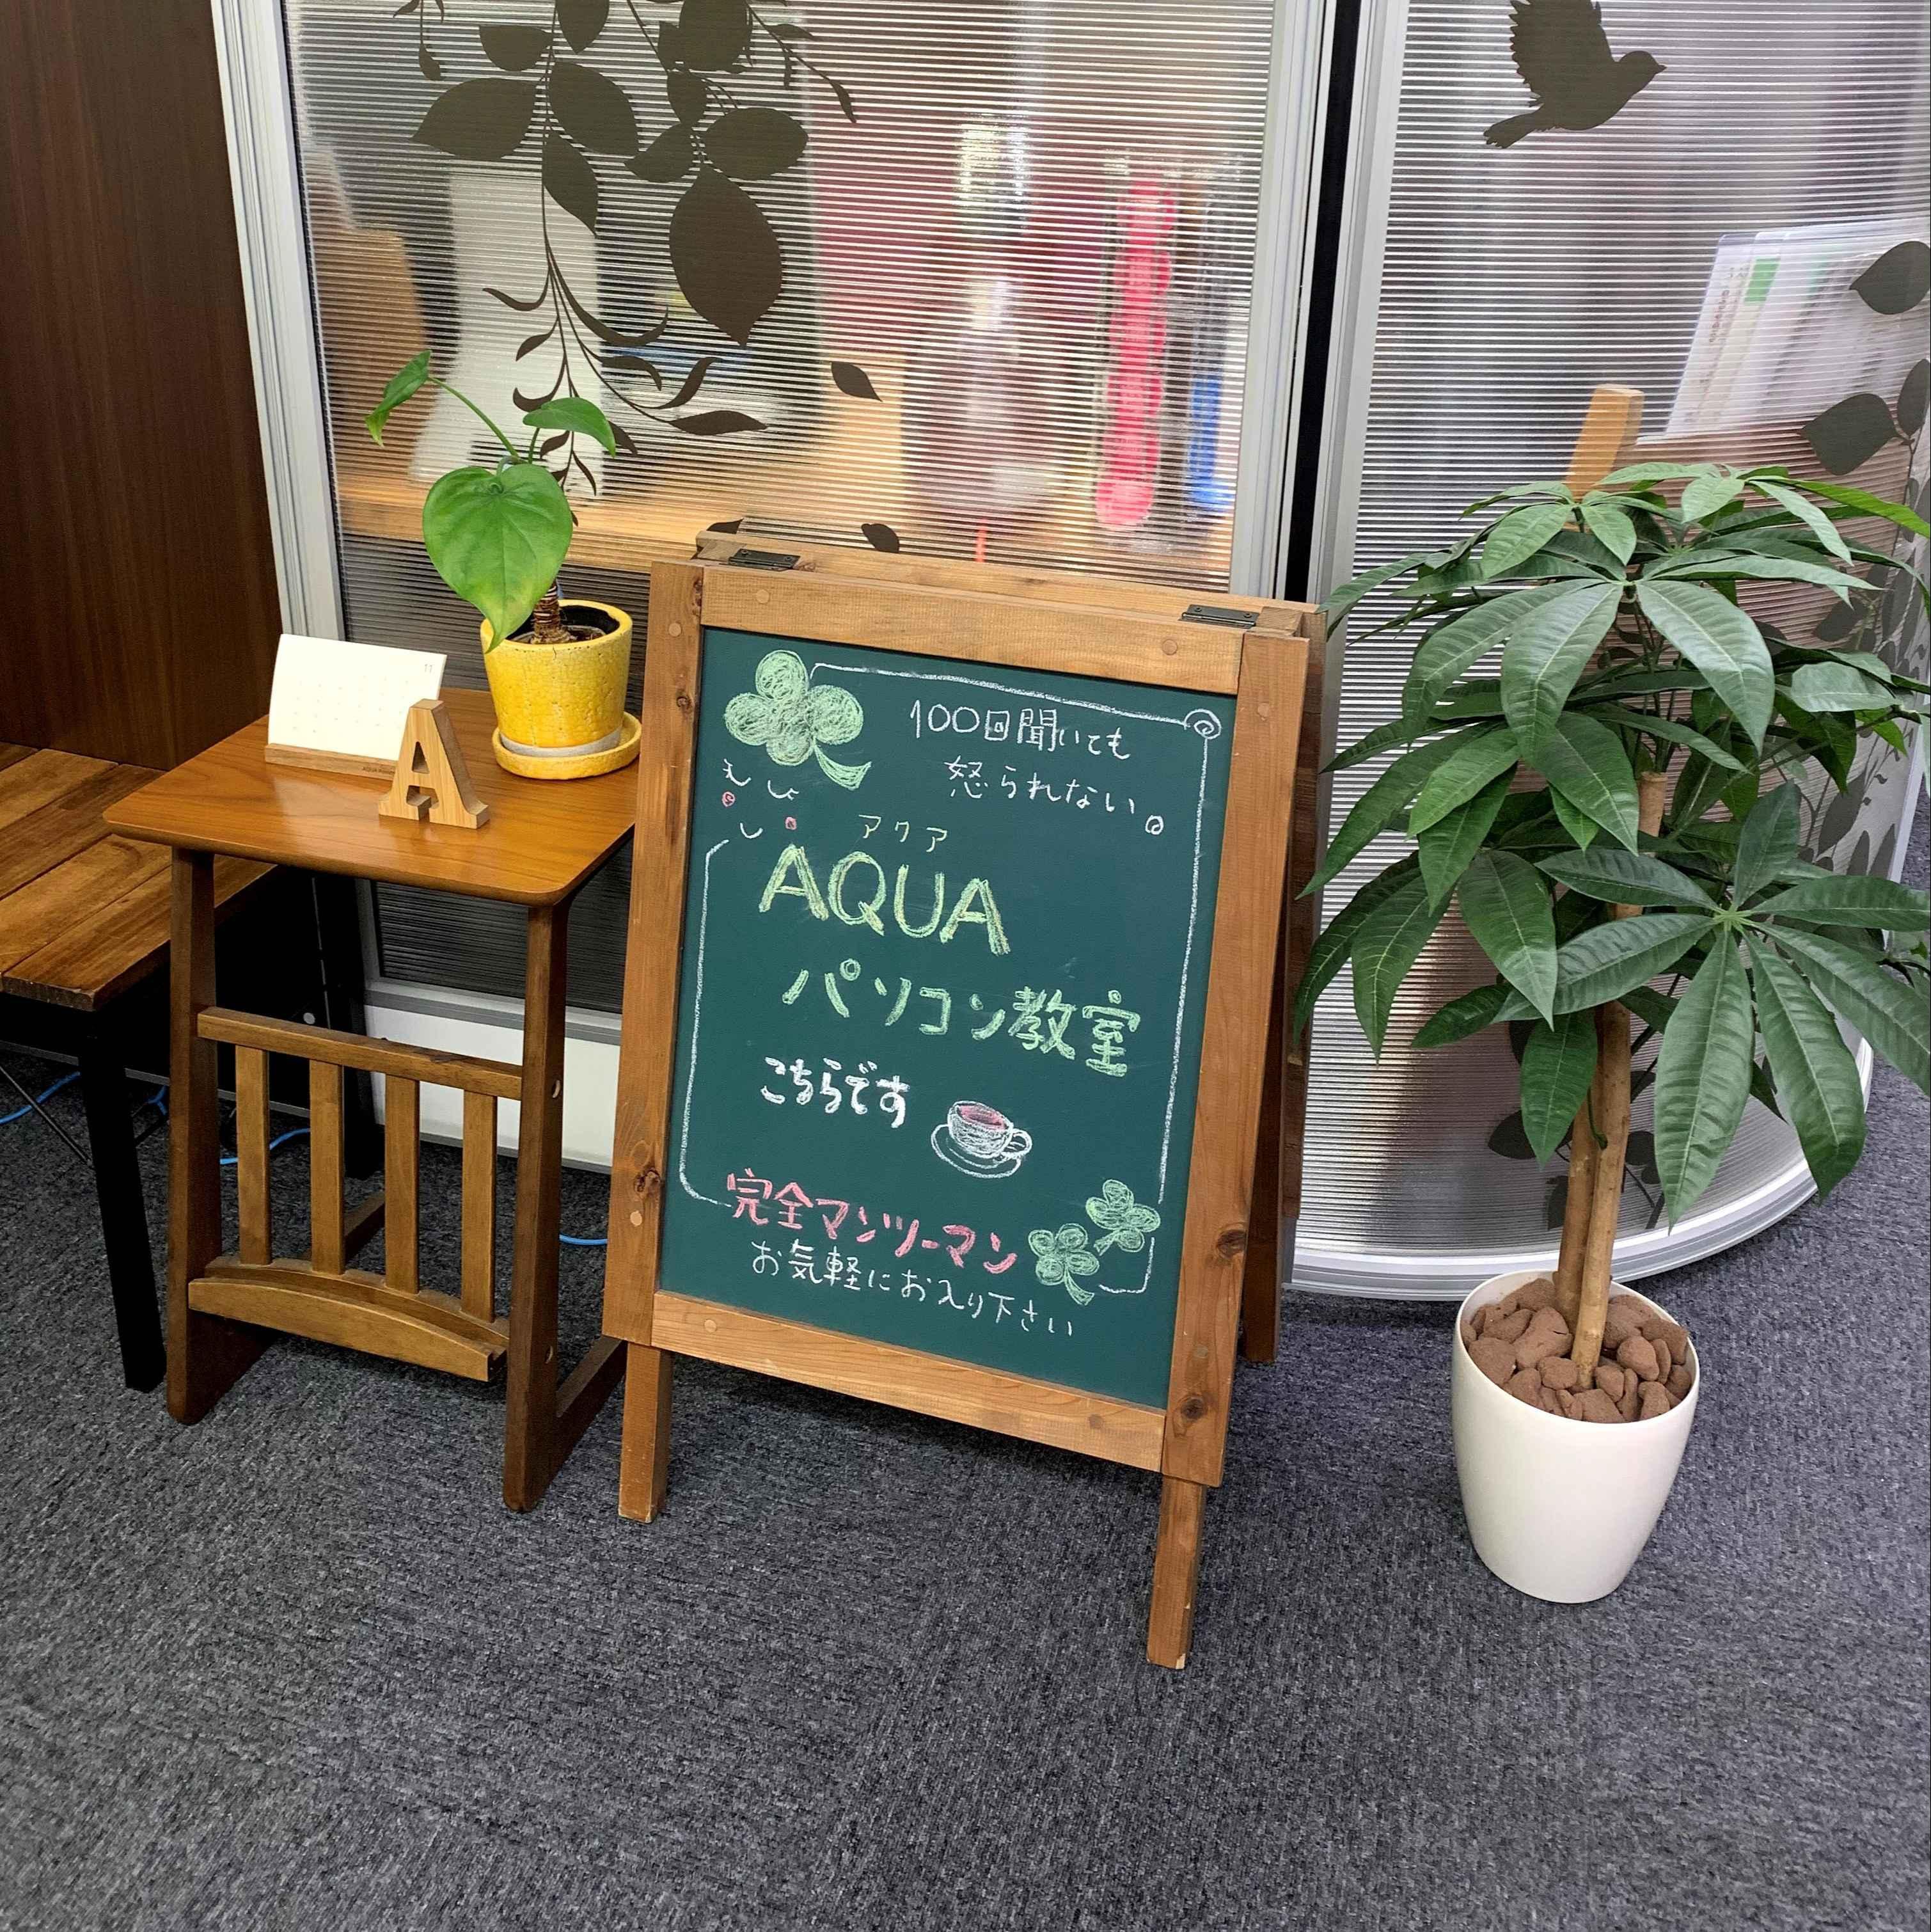 アクアパソコン教室 福岡校